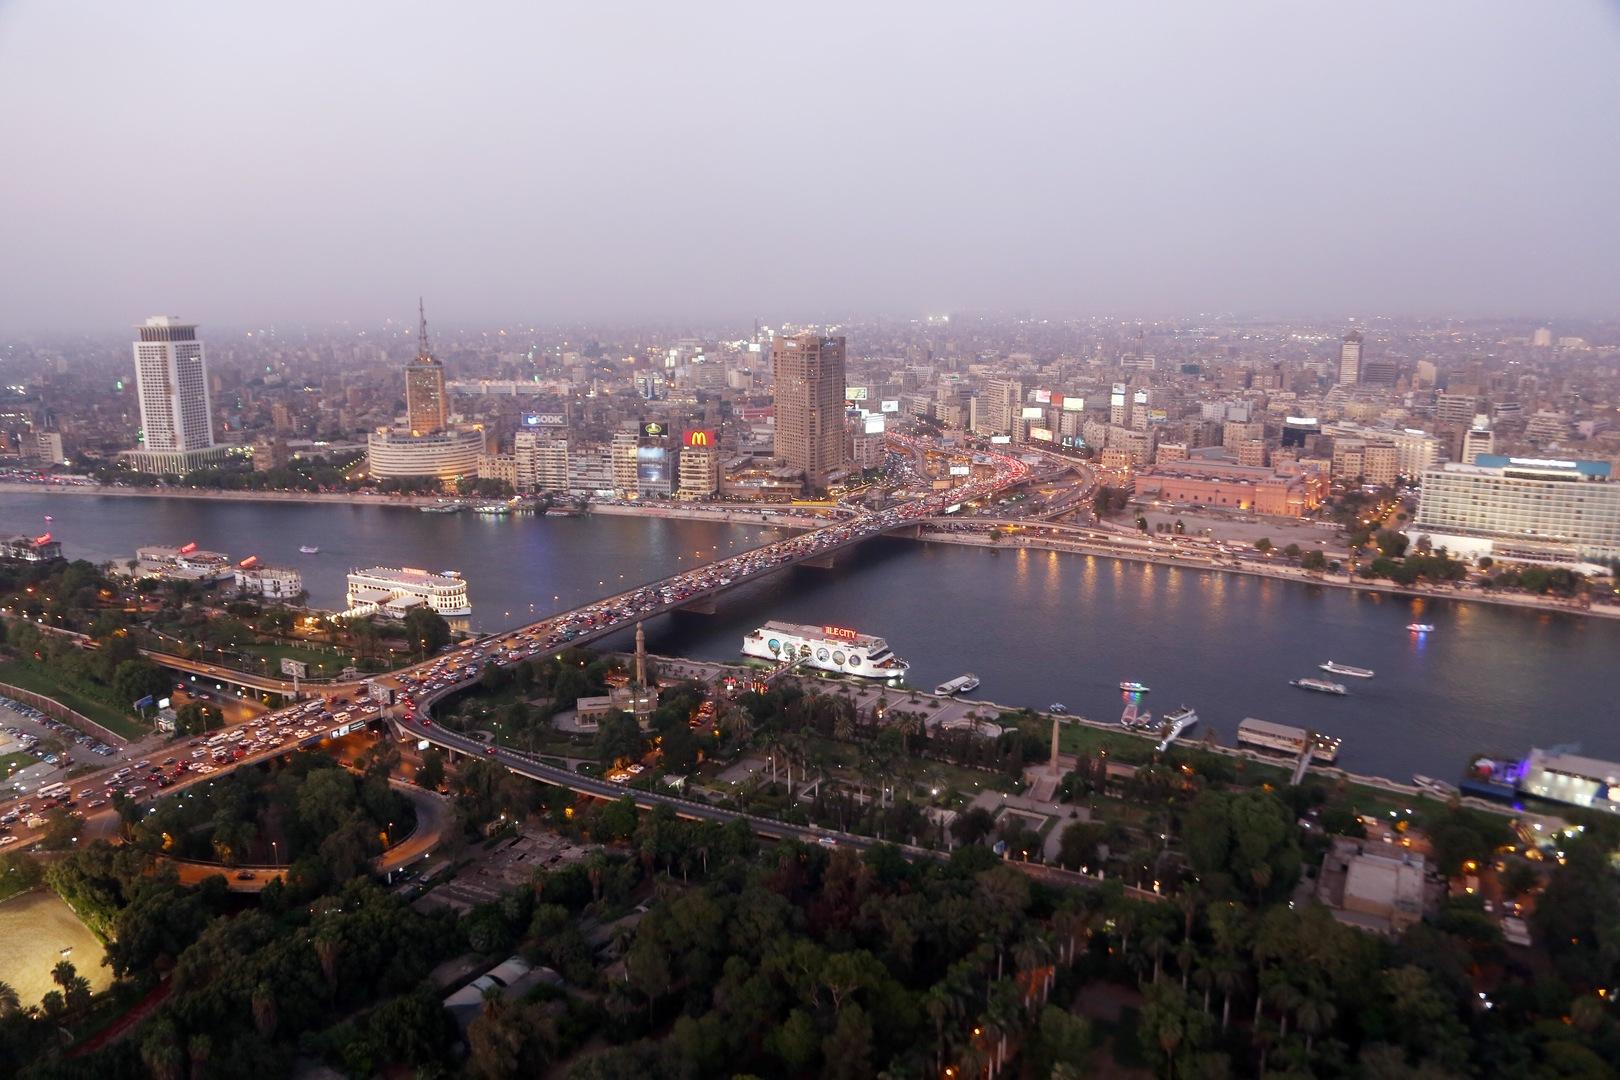 مصر.. أول سيدة تحصل على رخصة قيادة مهنية في الصعيد تعمل في نقل أسطوانات الغاز